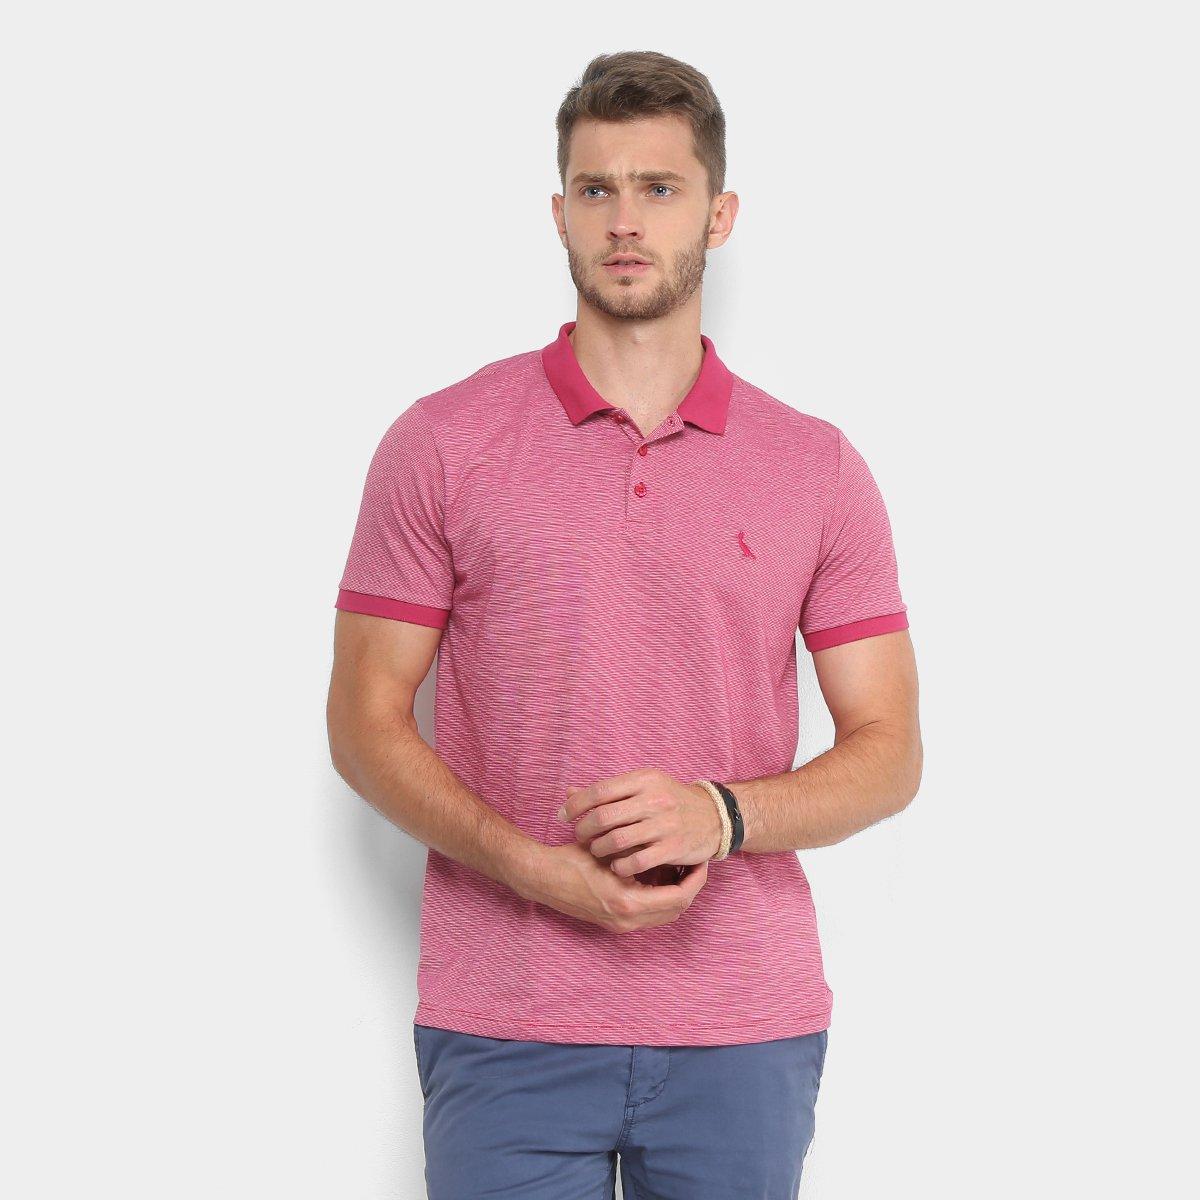 Camisa Polo Reserva Manga Curta Masculina - Compre Agora  6afb7c448996d